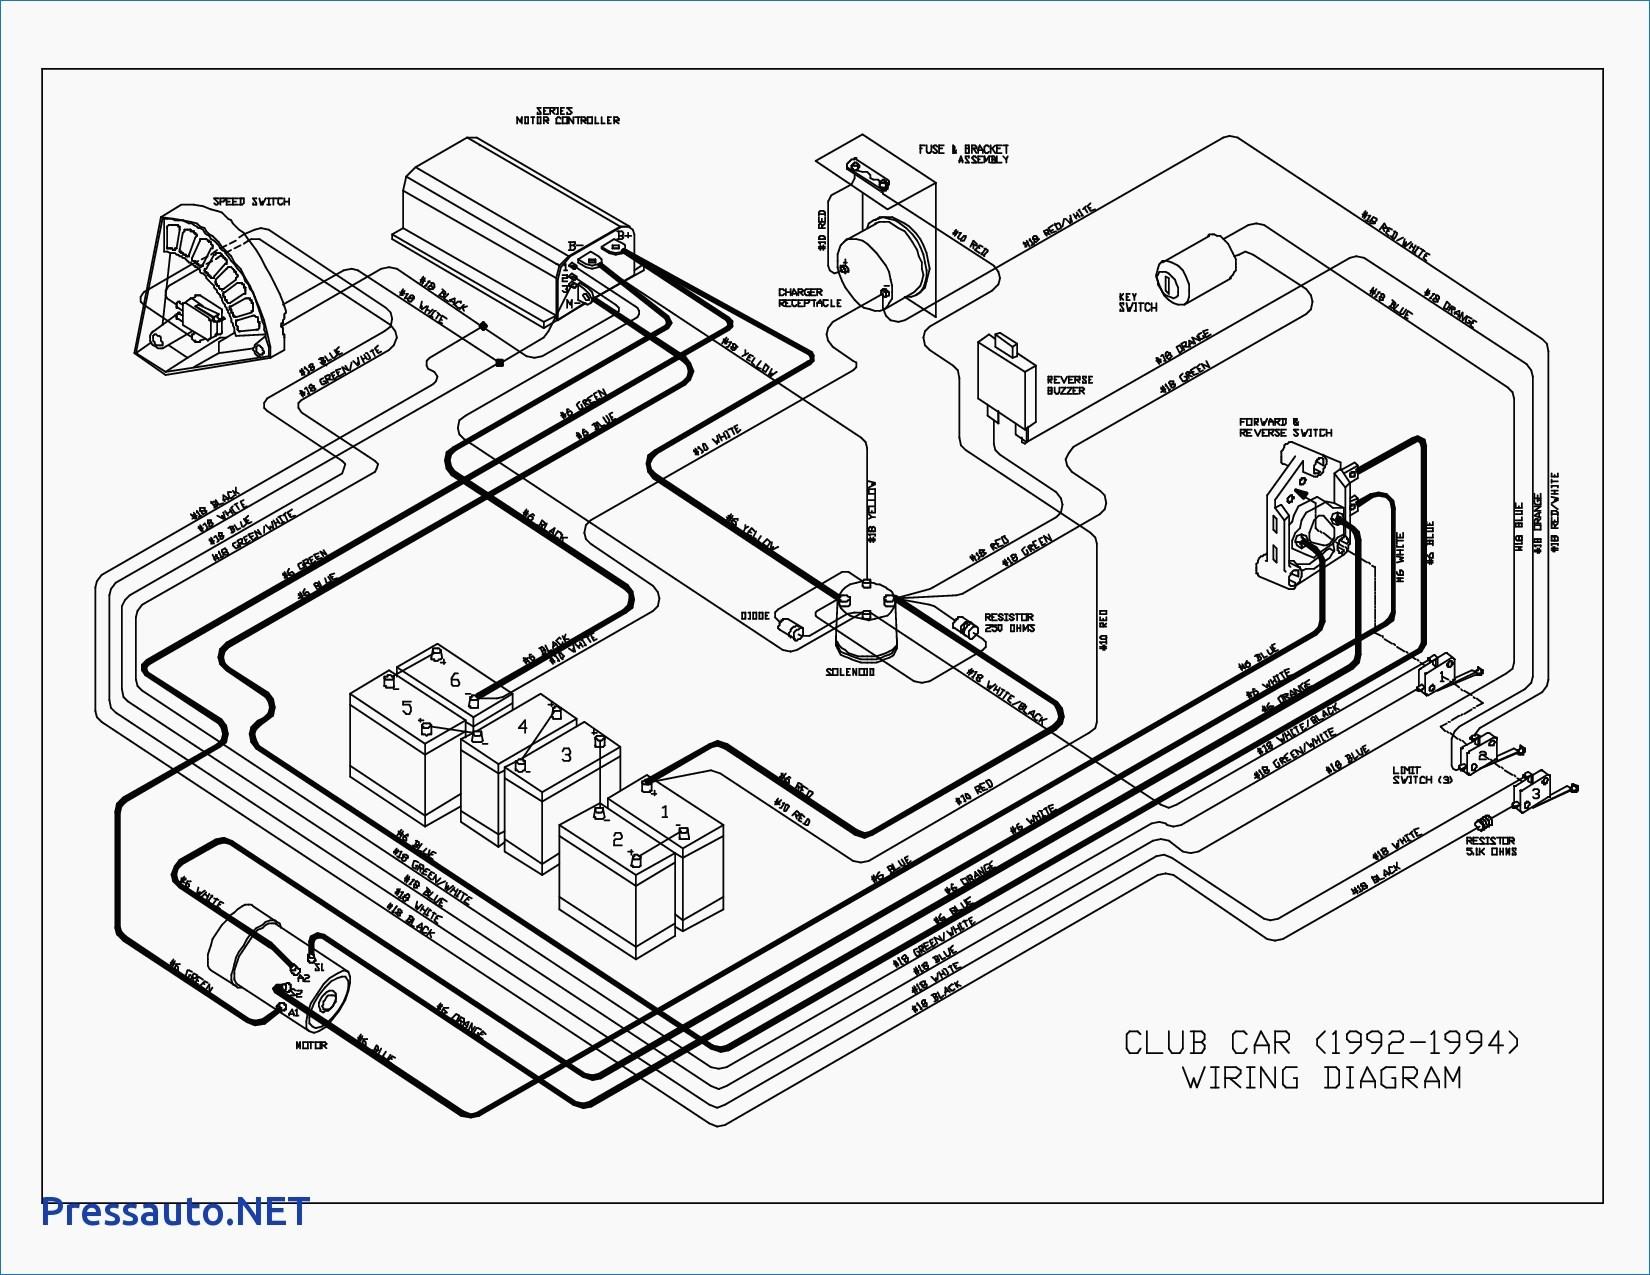 1994 club car ds wiring diagram schematic auto electrical wiring rh 6weeks co uk 1982 Club Car 36V Wiring Diagram 48 Volt Club Car Wiring Diagram